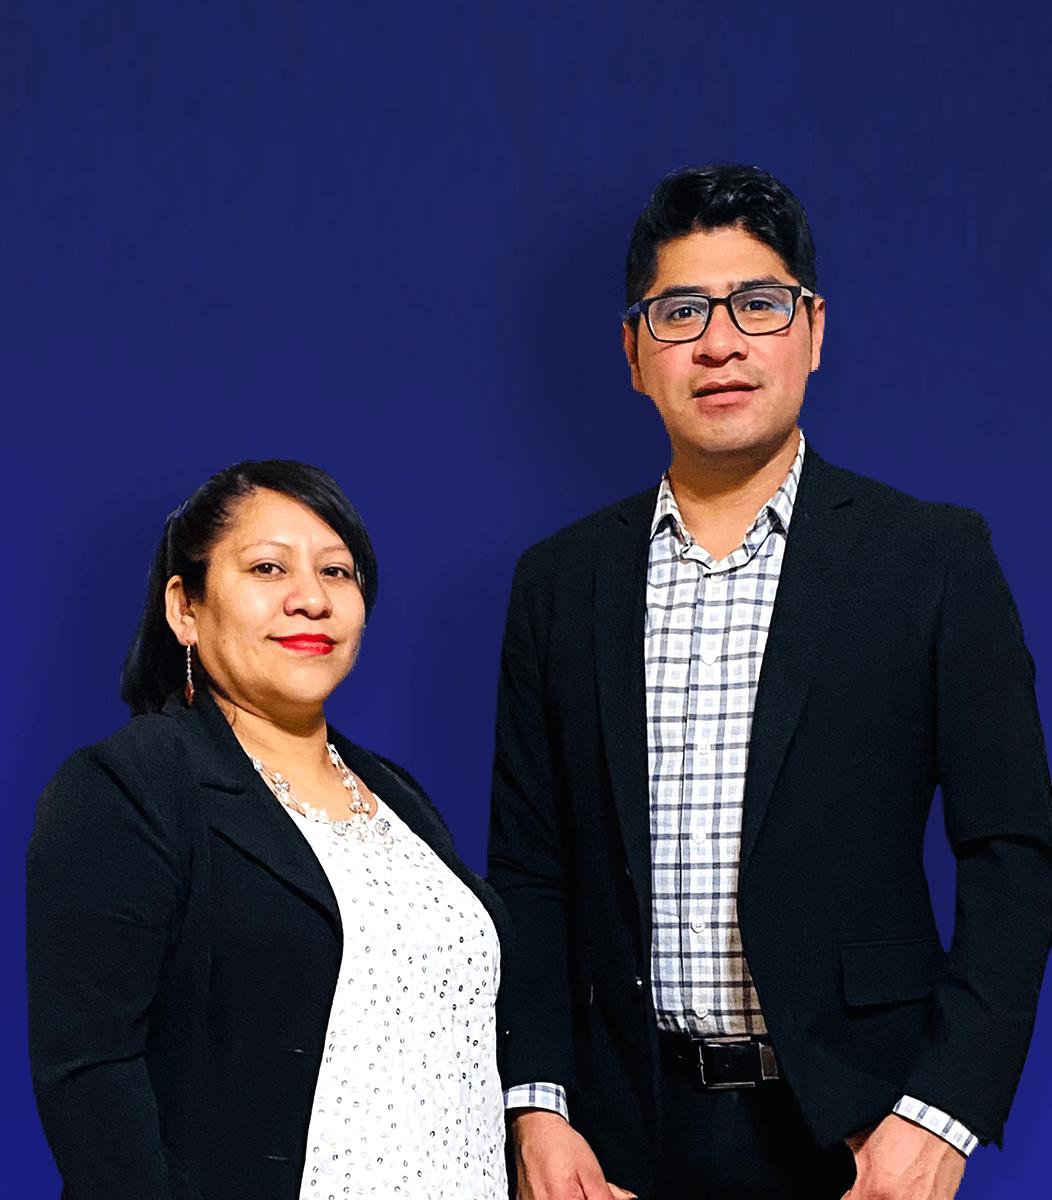 Wilson Cartagena y Claudia Cartagena   Centro de Vida Cristiana